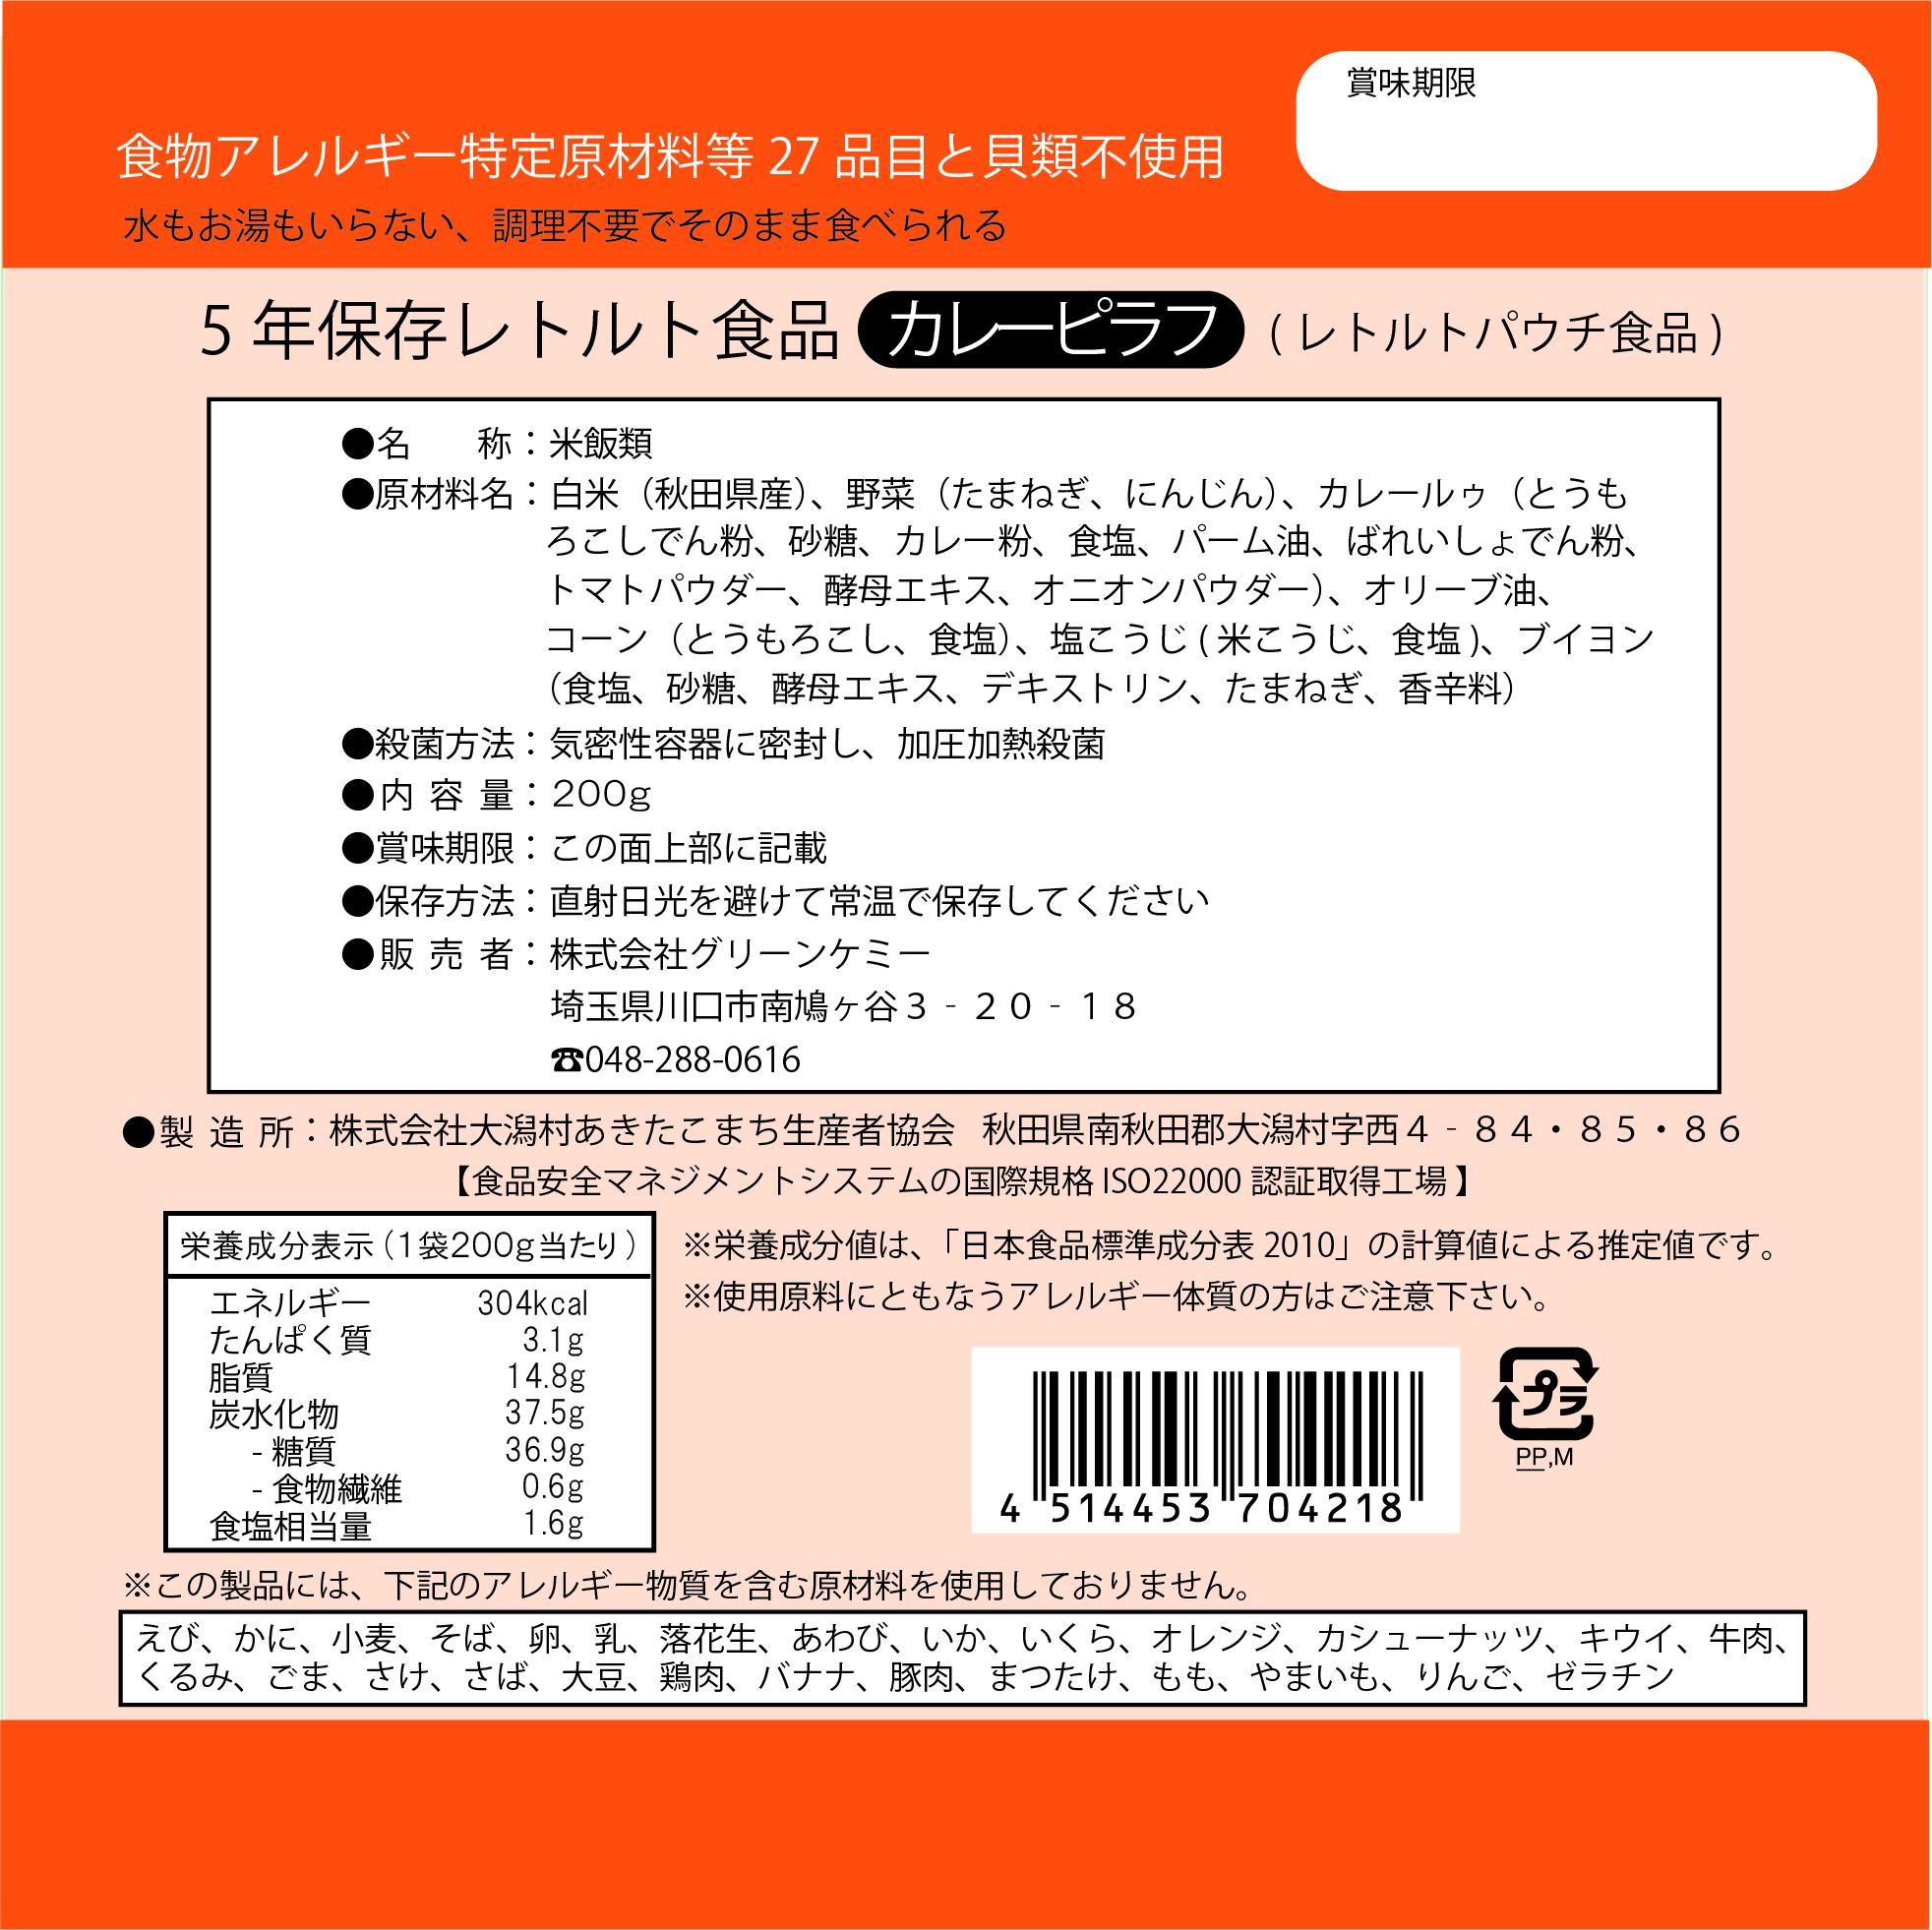 STG0001GTC